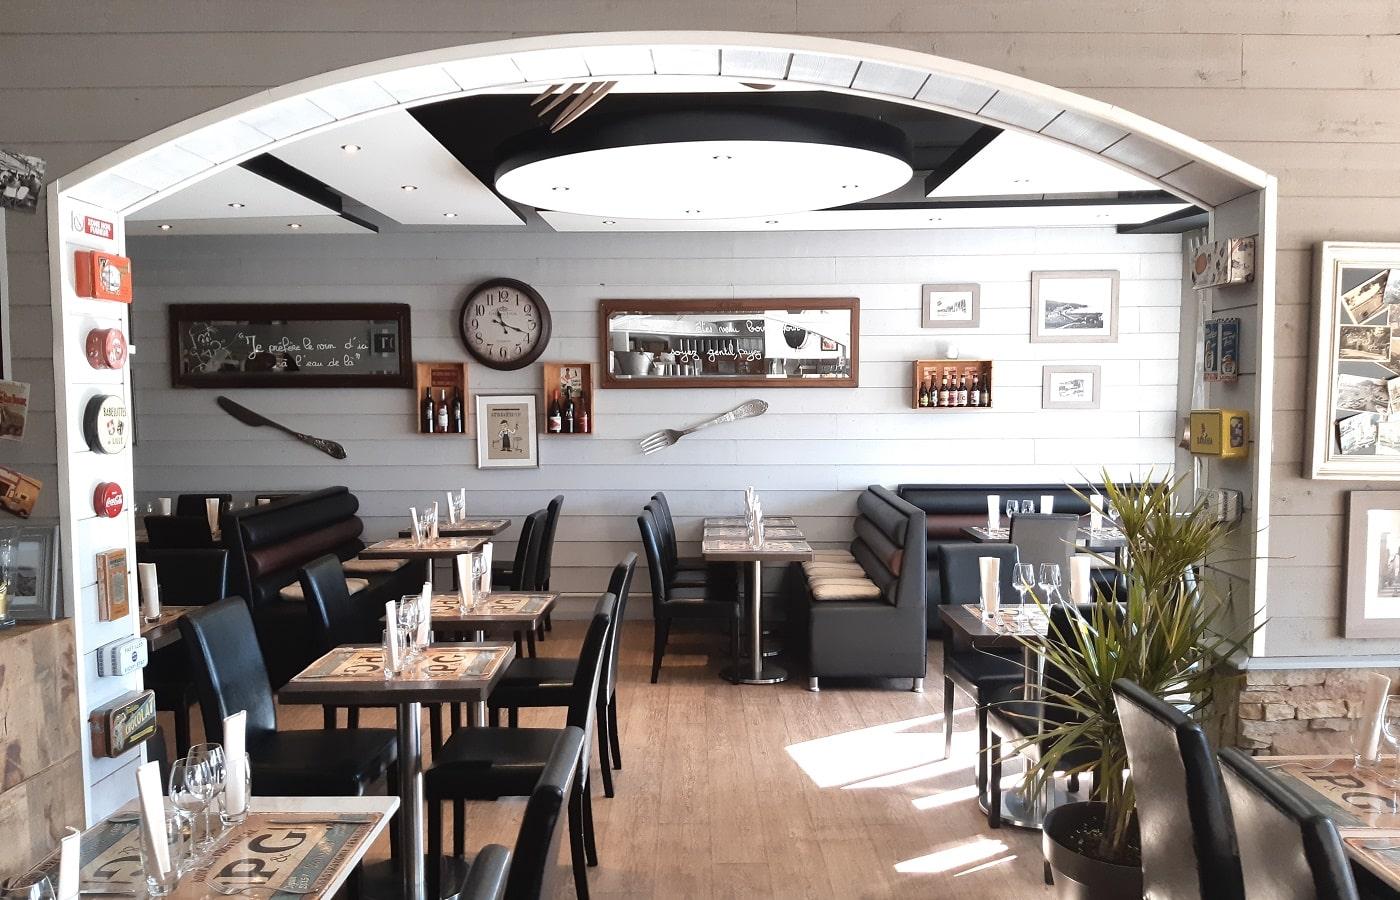 Le restaurant Planches et Gamelles